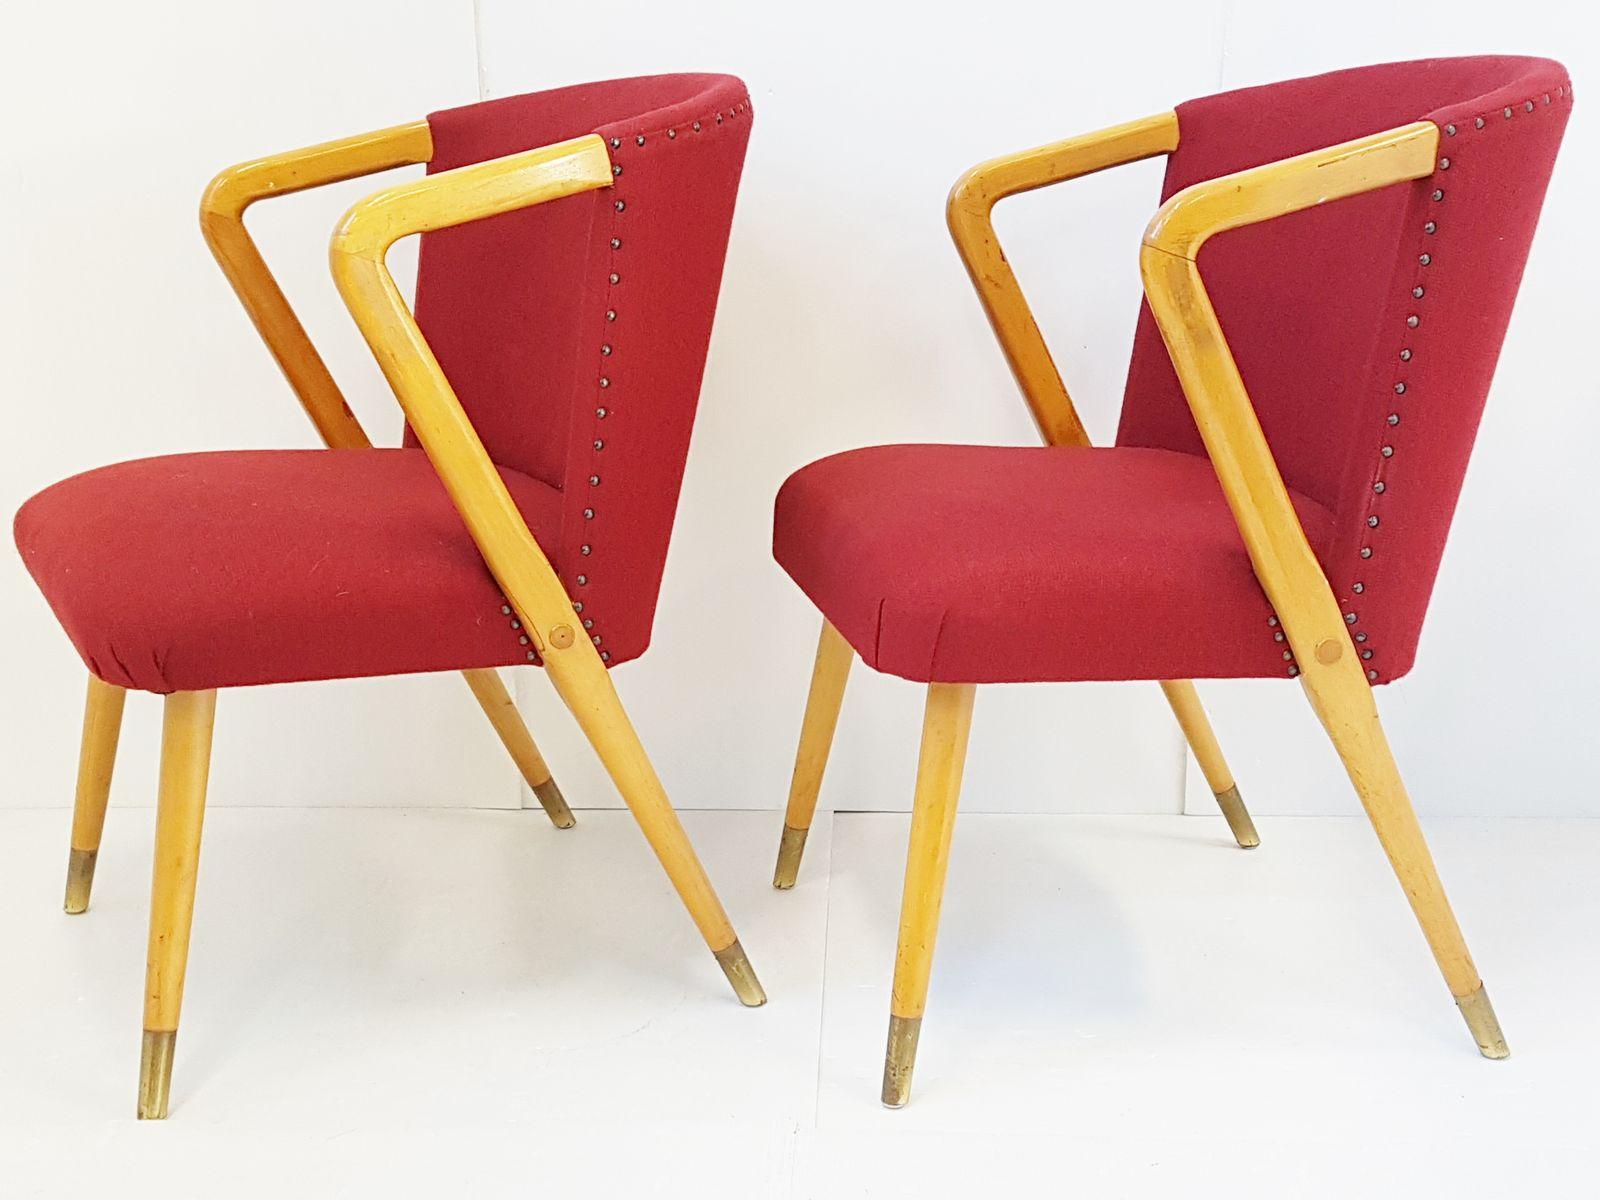 Rote italienische Mid-Century Stühle aus Eiche, 1950er, 2er Set